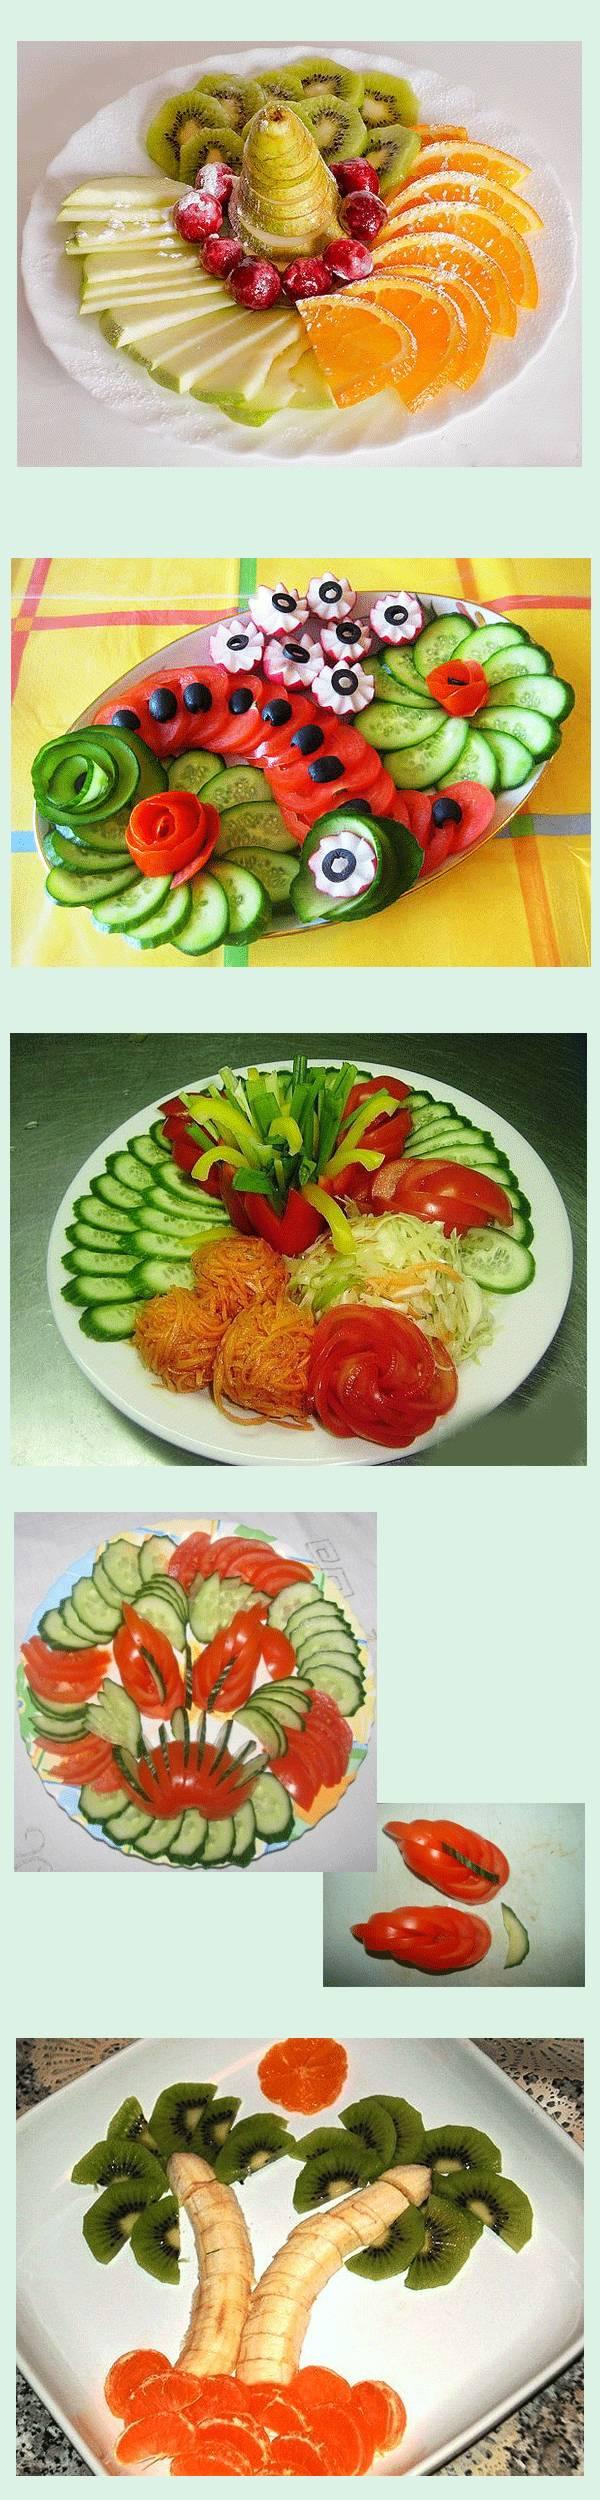 Интересные идеи подачи овощных и фруктовых нарезок